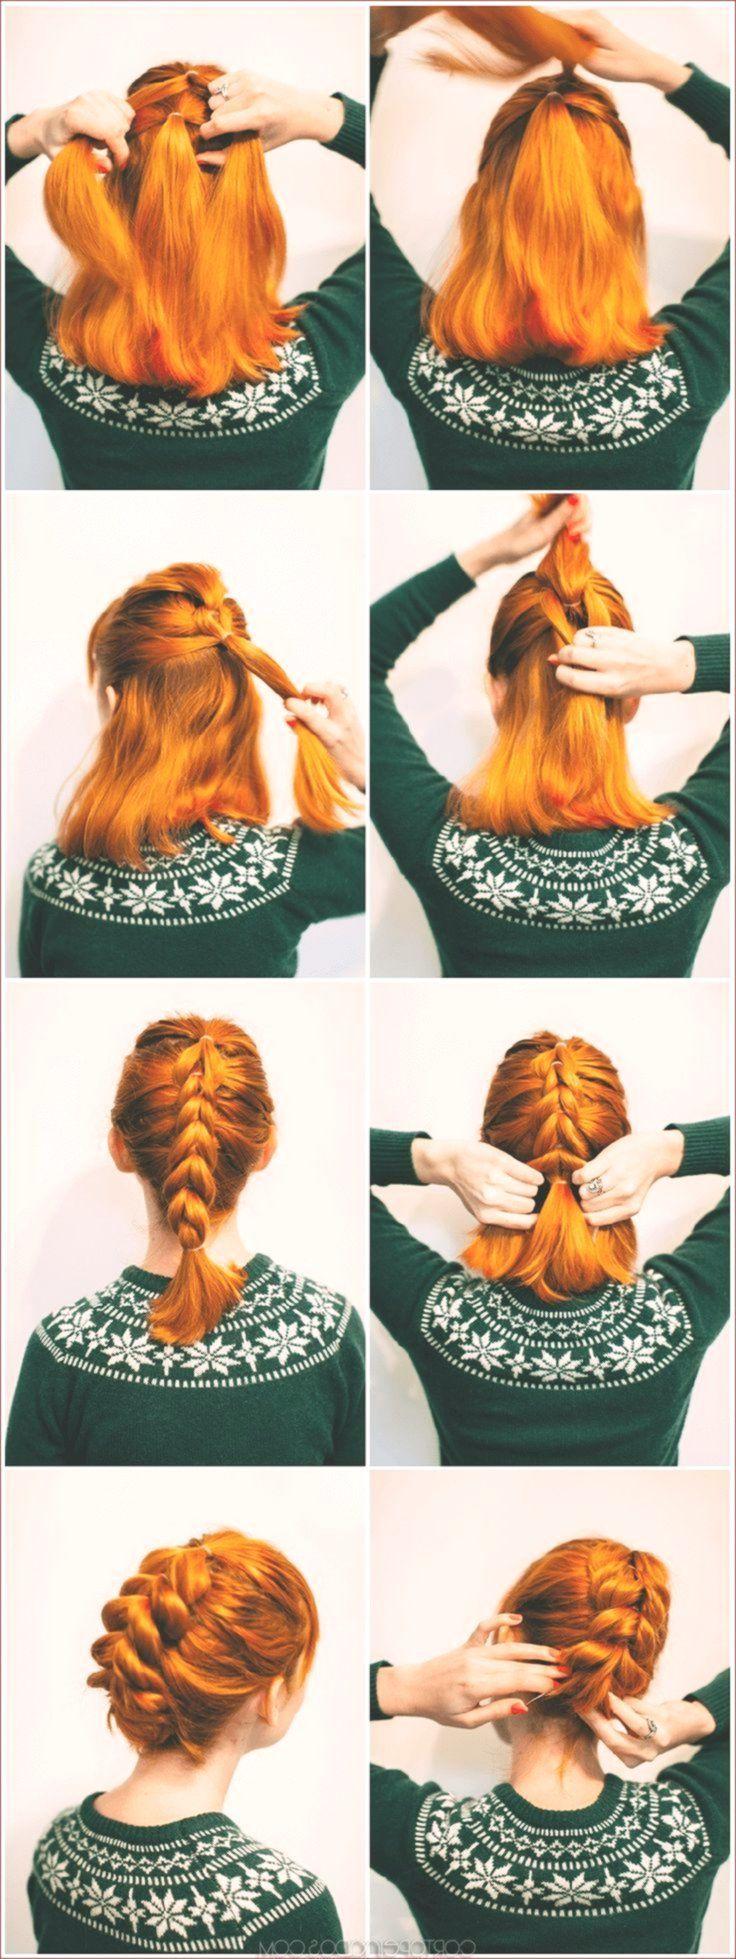 33 tutoriales paso a paso más populares de peinado #peinado #populares #tutoria